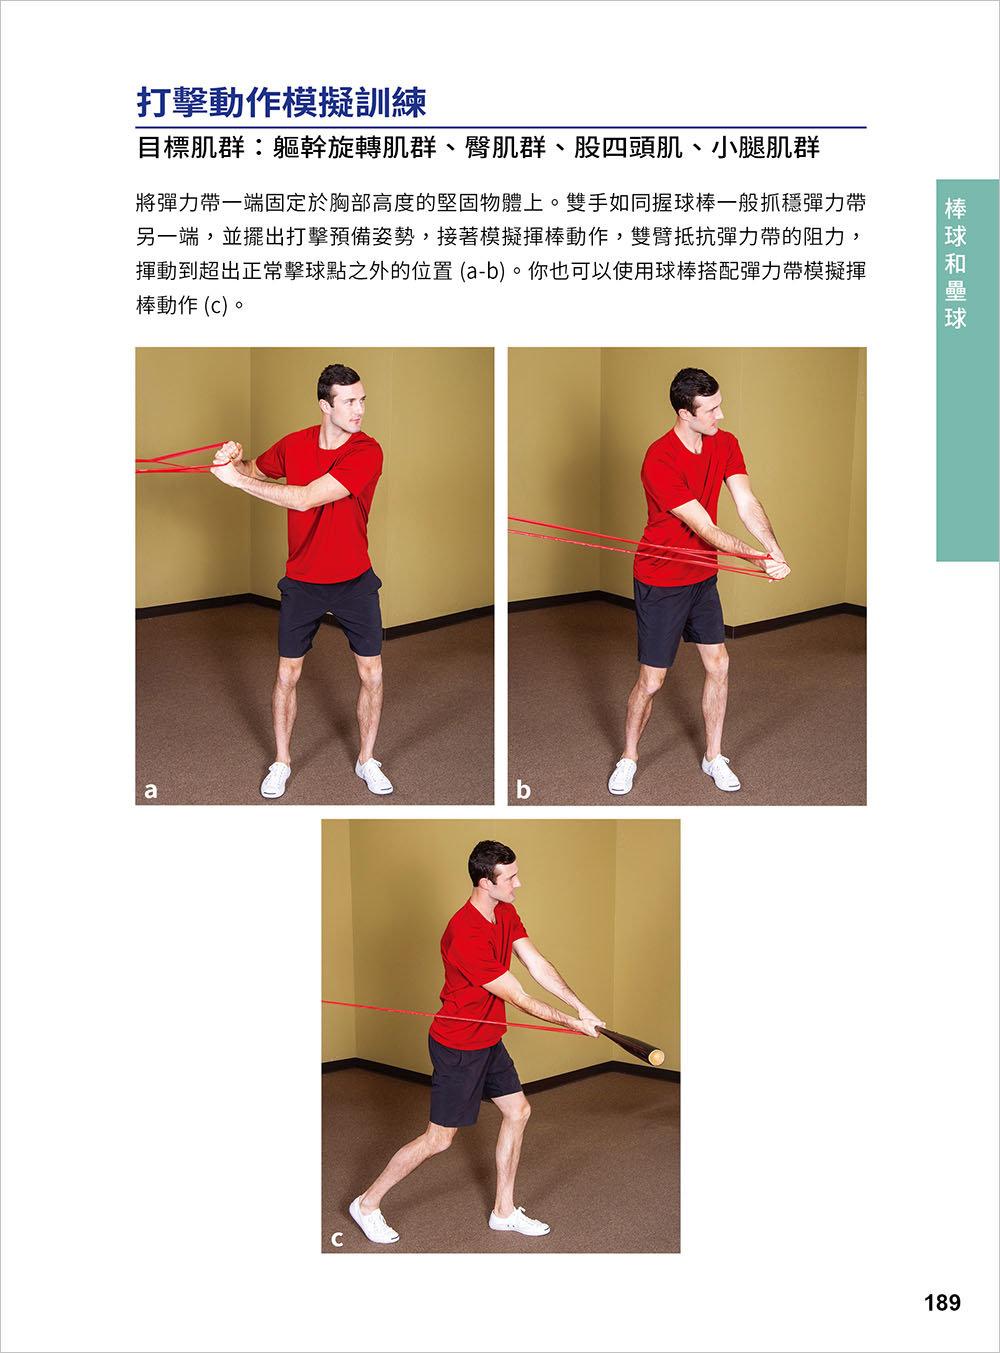 彈性阻力帶肌力訓練大全 162 式最新版 : 健身與功能性訓練、復健與預防肌少症 全適用-preview-8